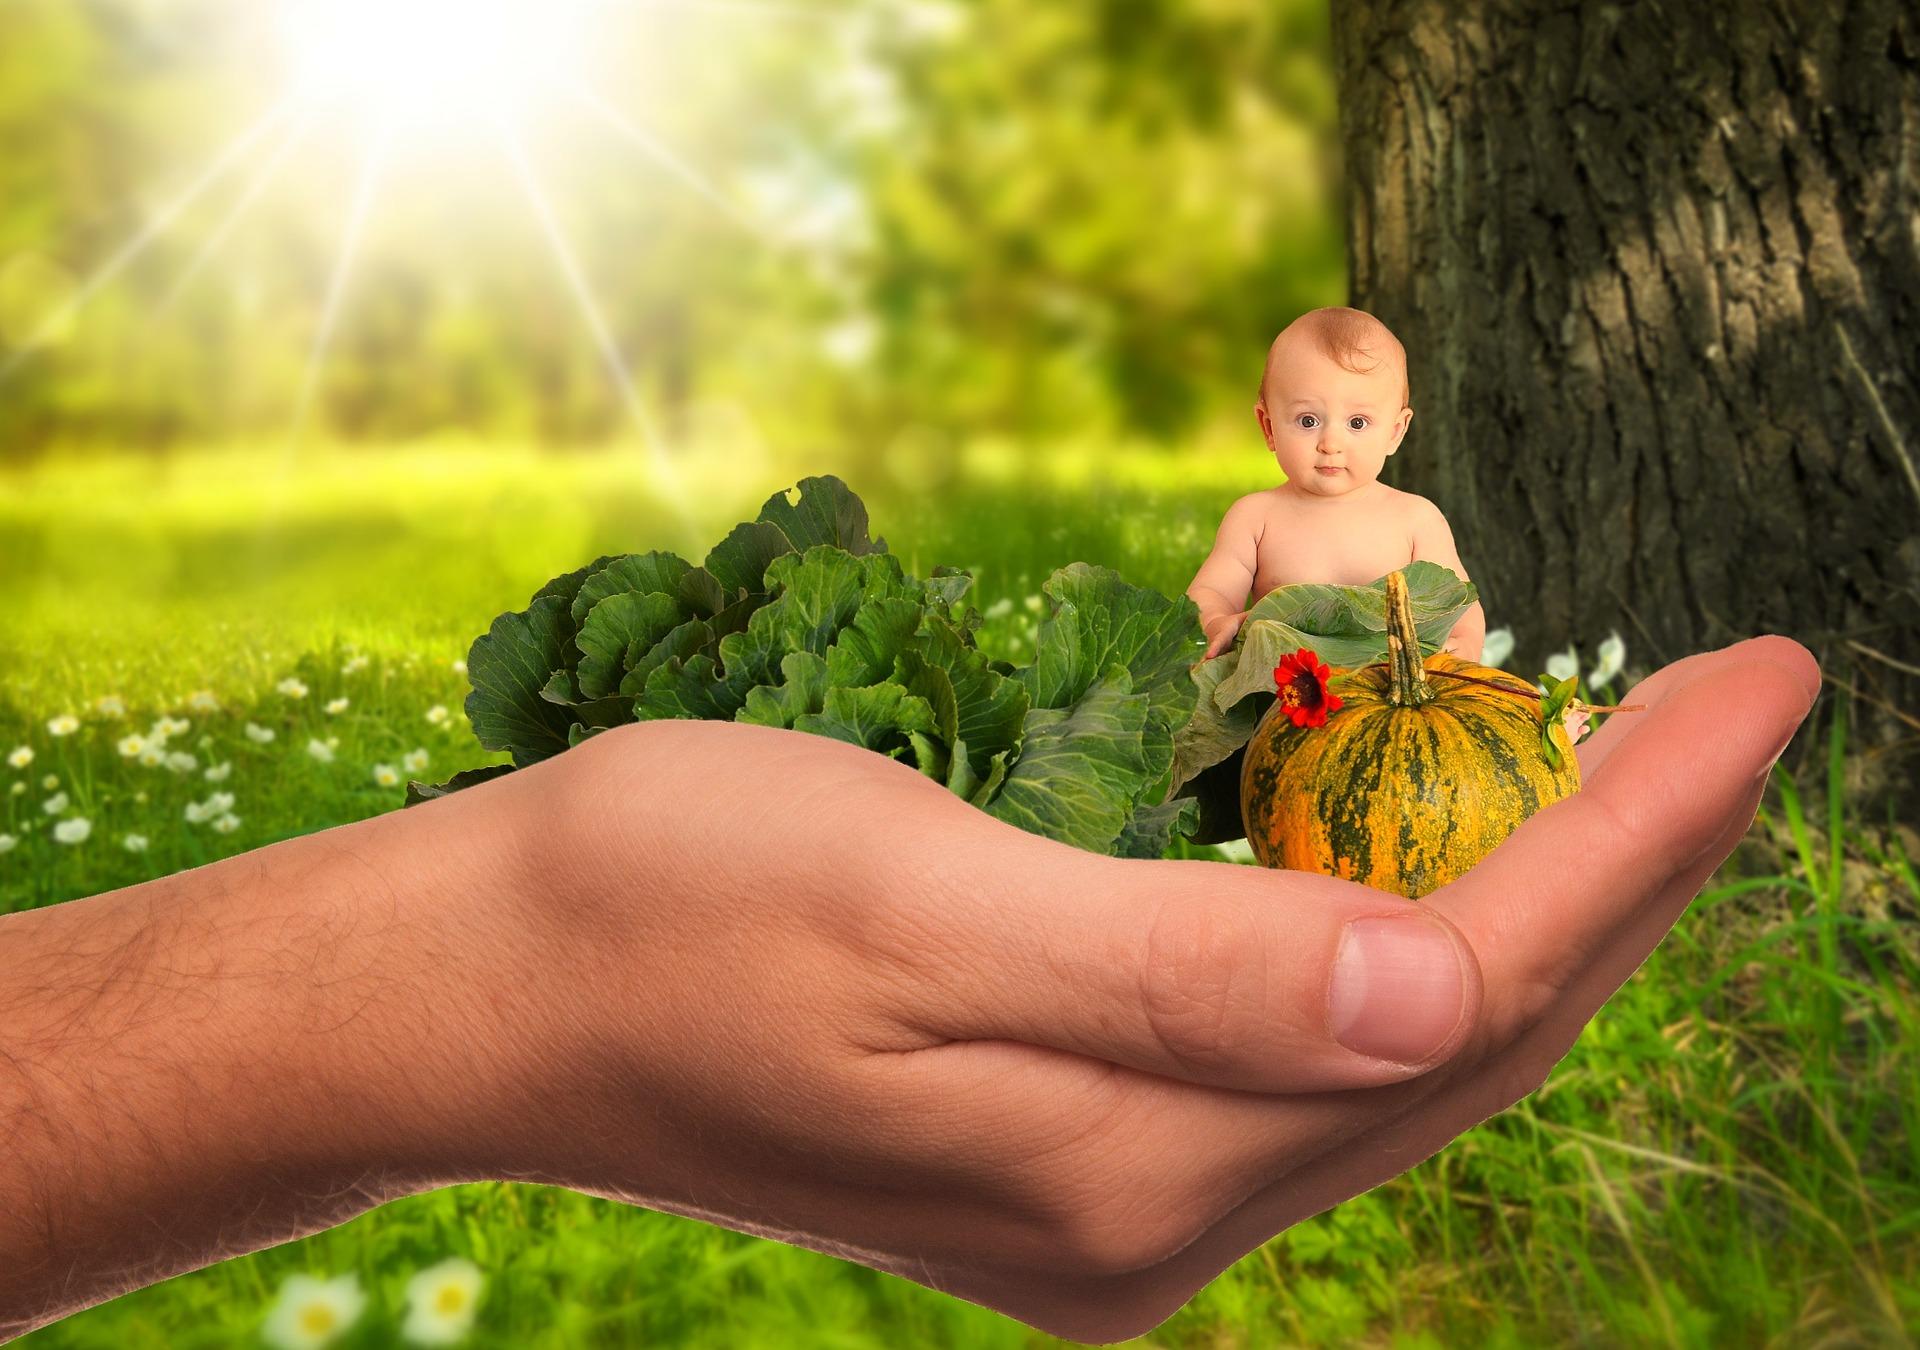 zdrowe odżywianie dzieci i młodzieży